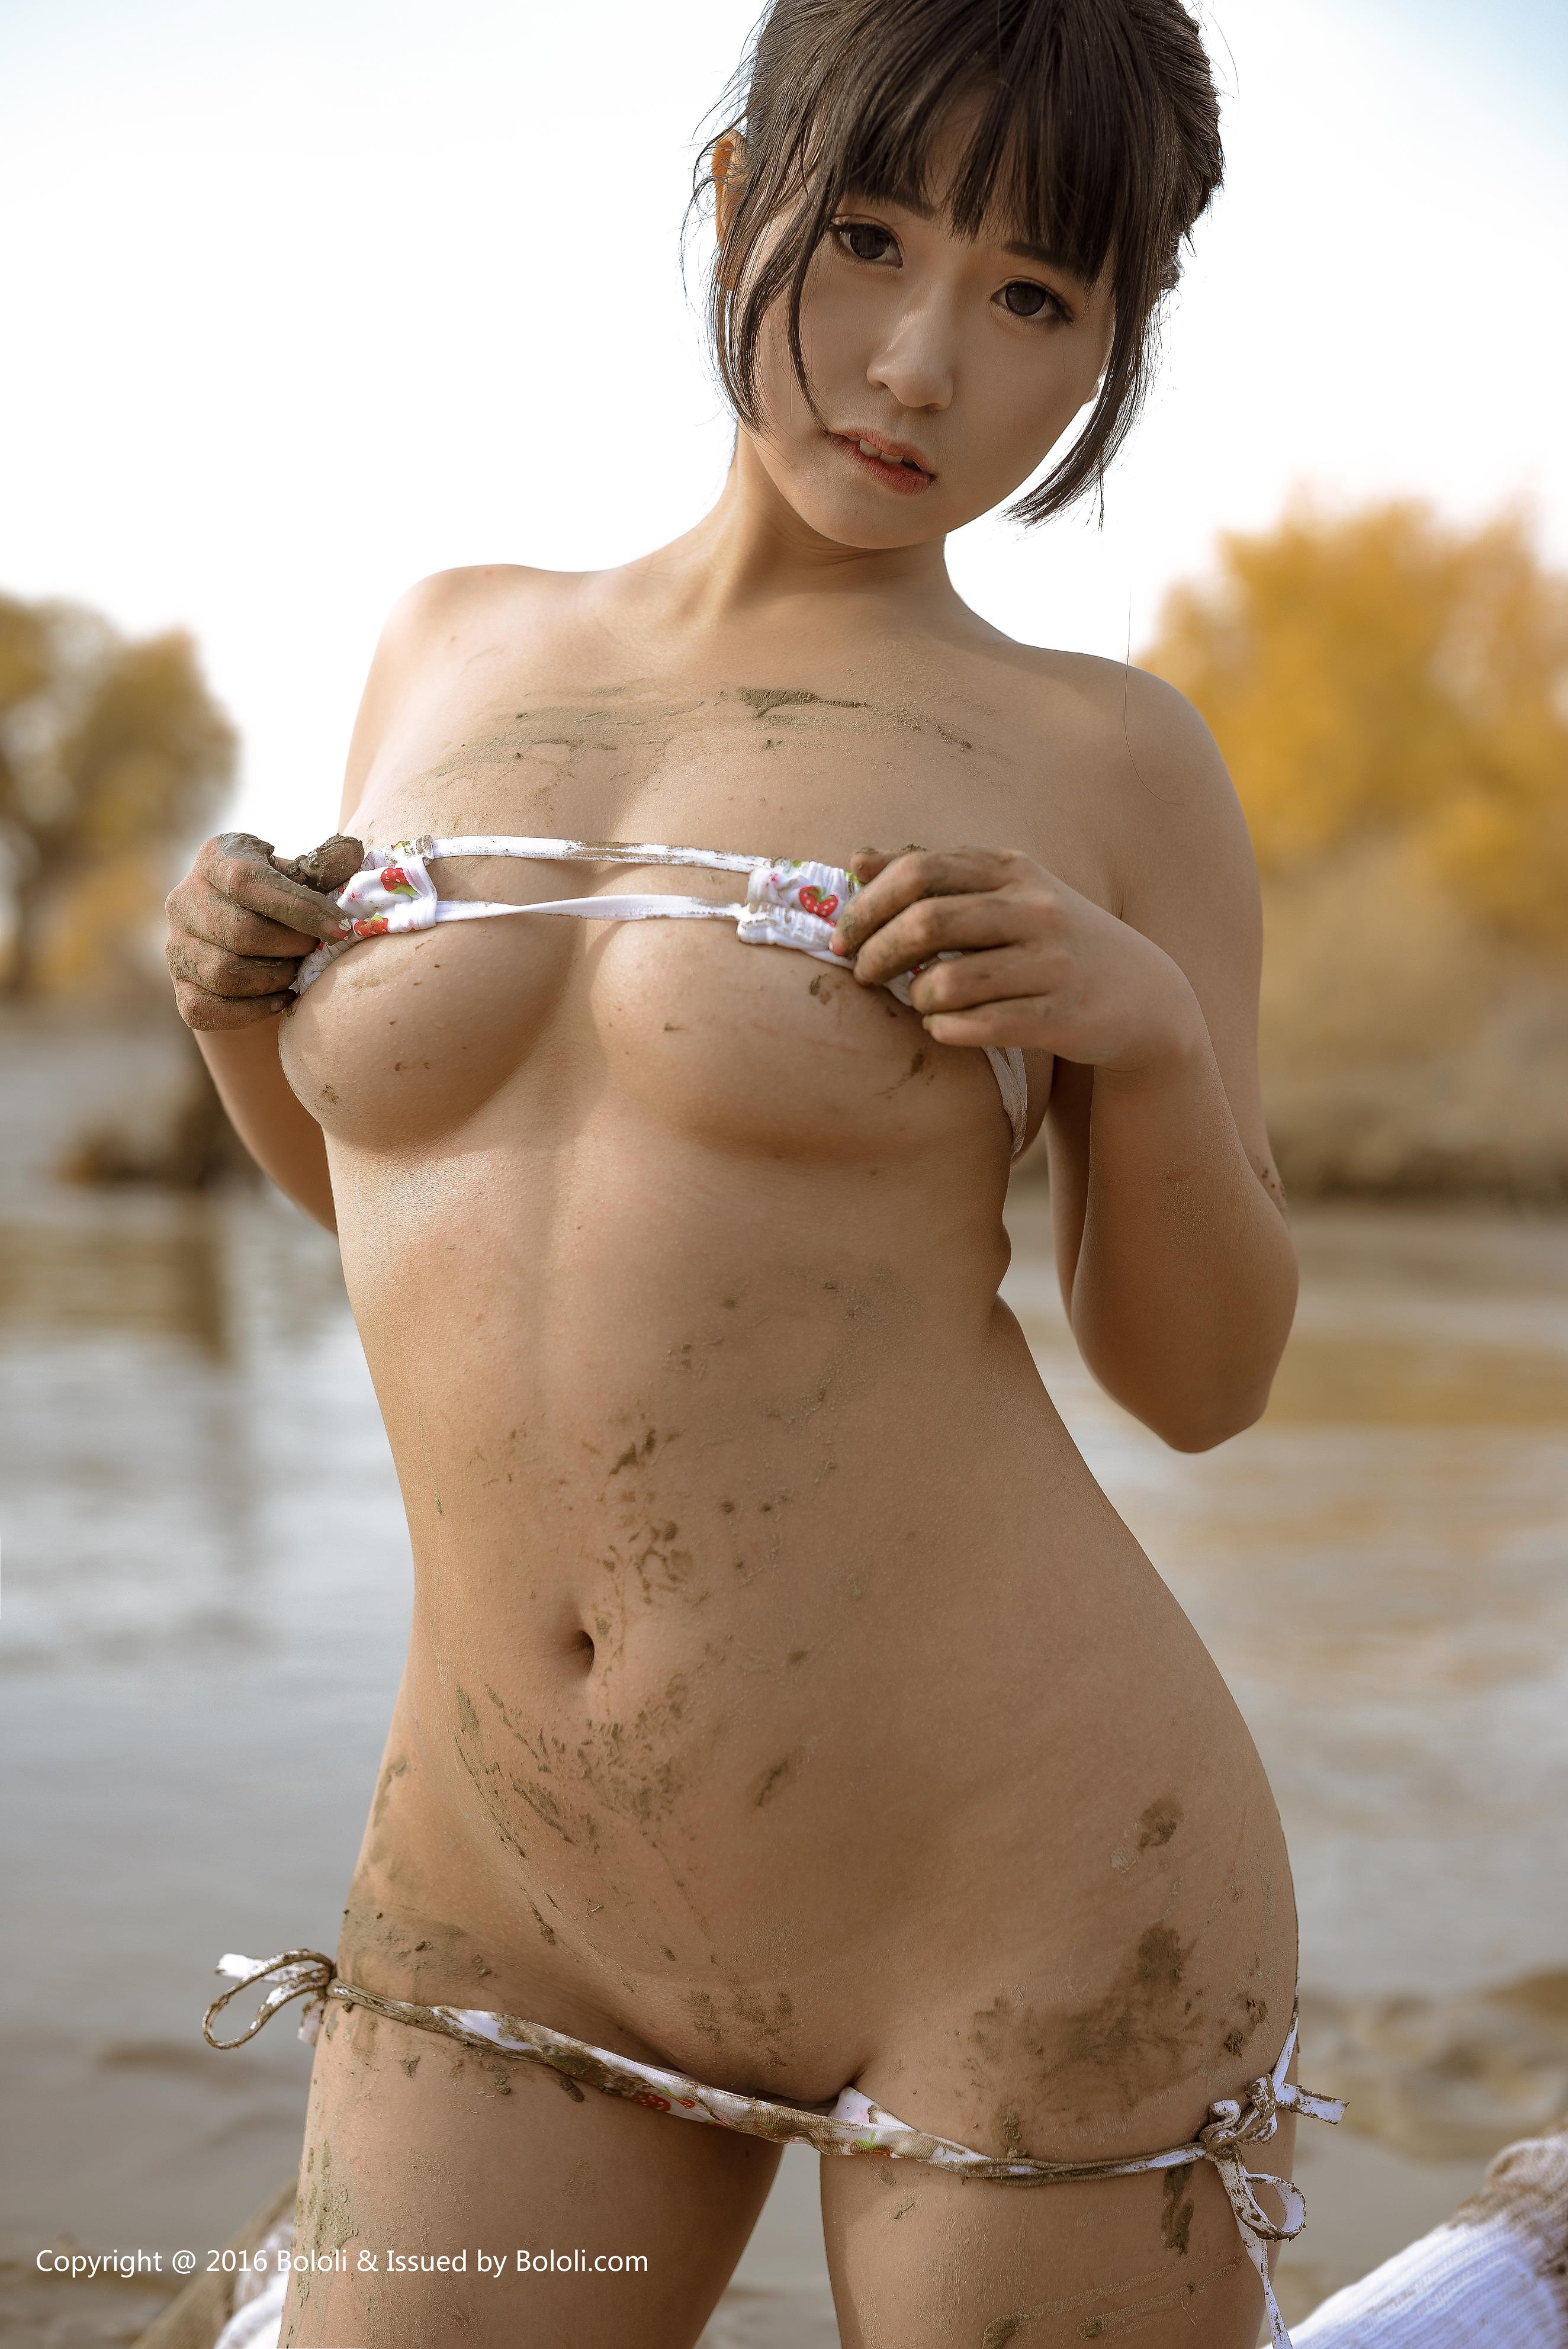 [BoLoli波萝社]BOL016 猫九酱Sakura 童颜巨乳小萝莉 性感比基尼泳装沙漠旅拍